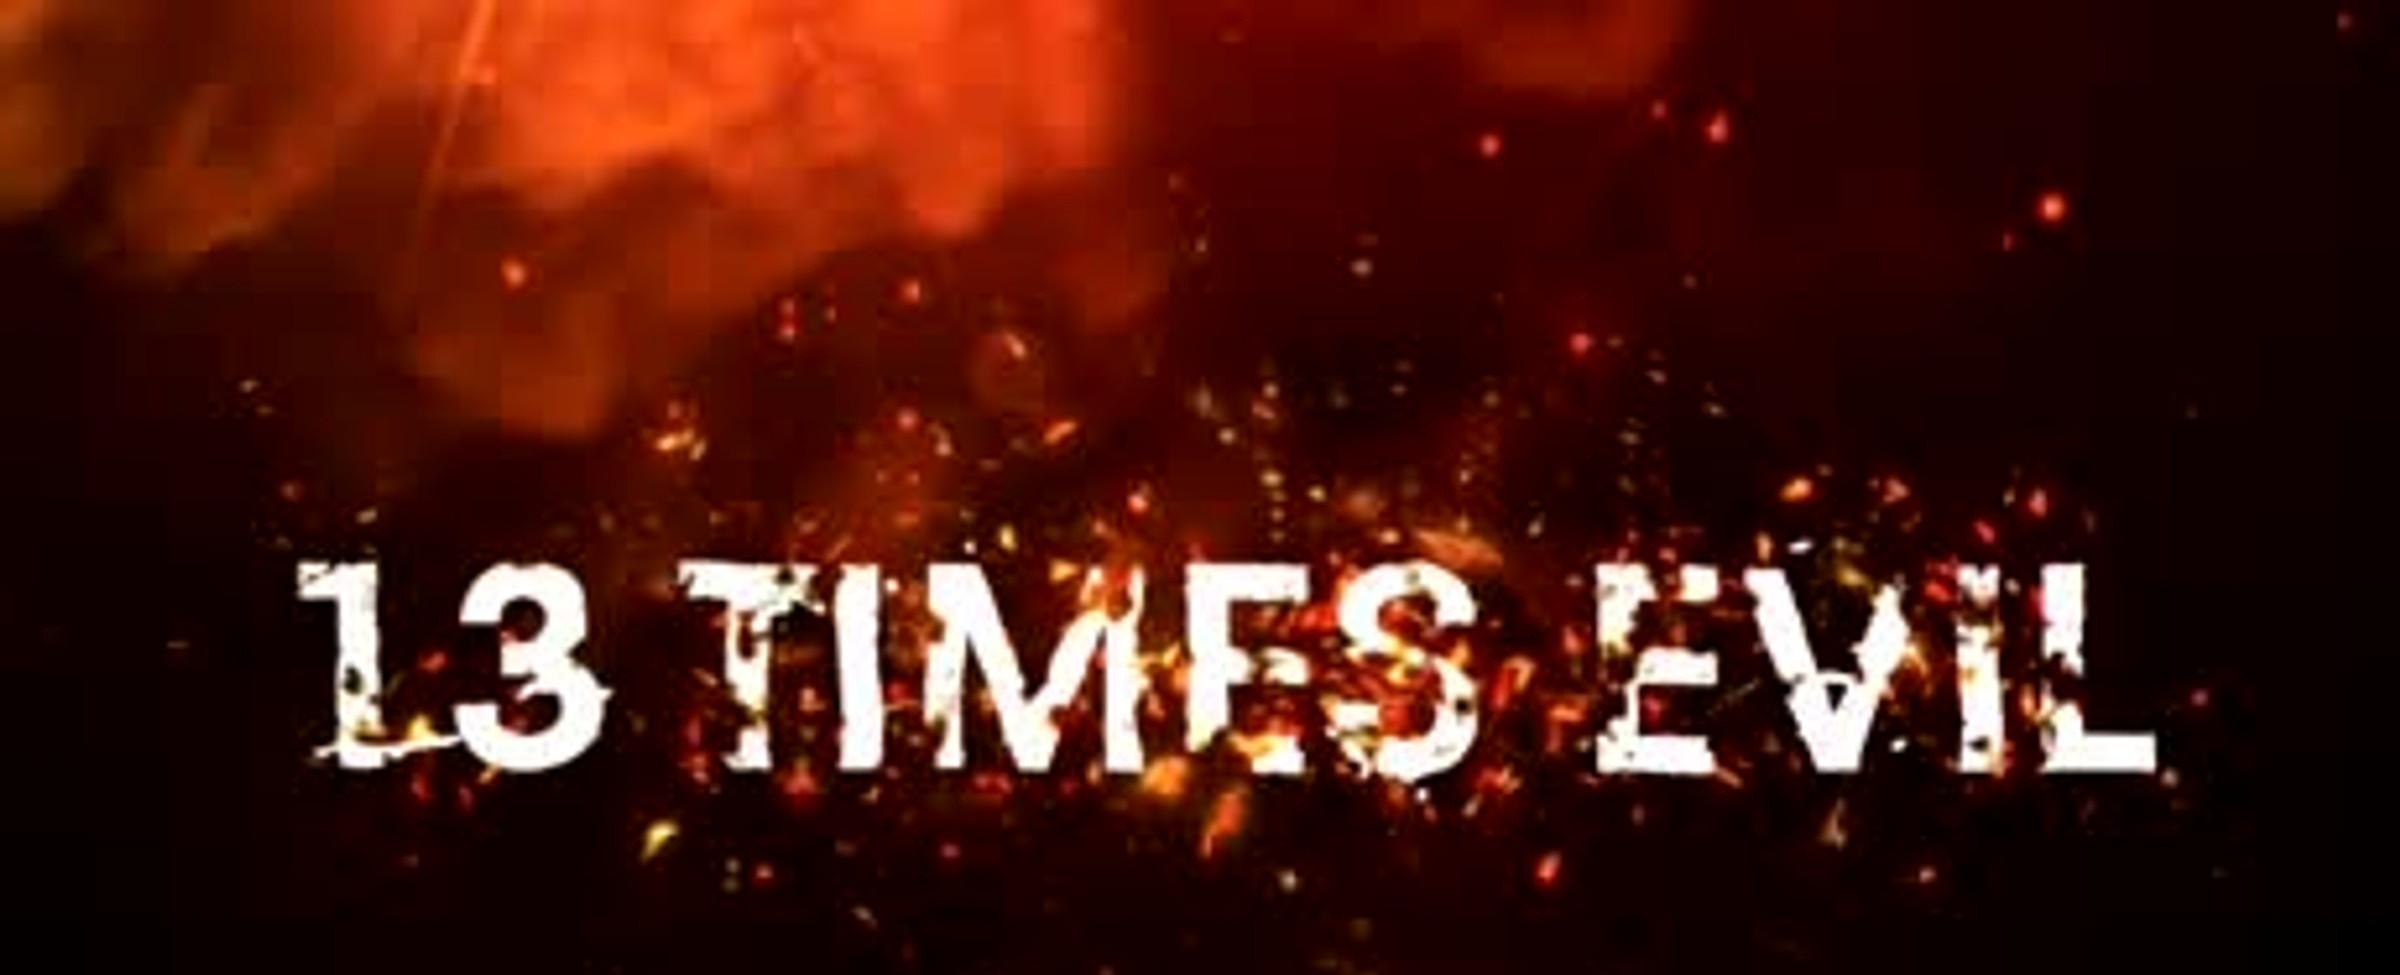 13 okamžiků zla